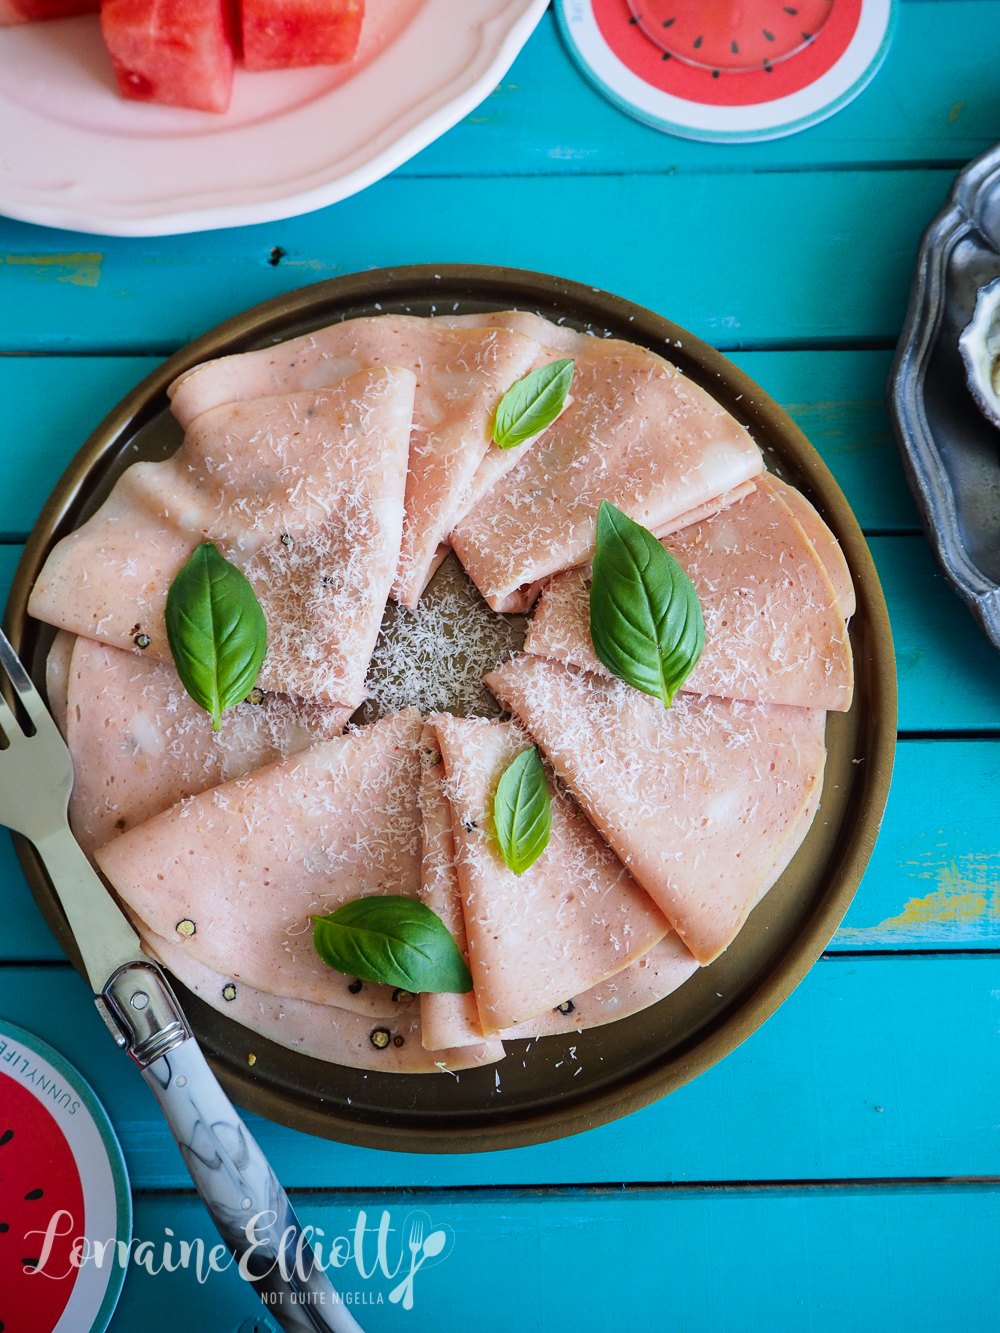 NYE New Years eve Food recipes